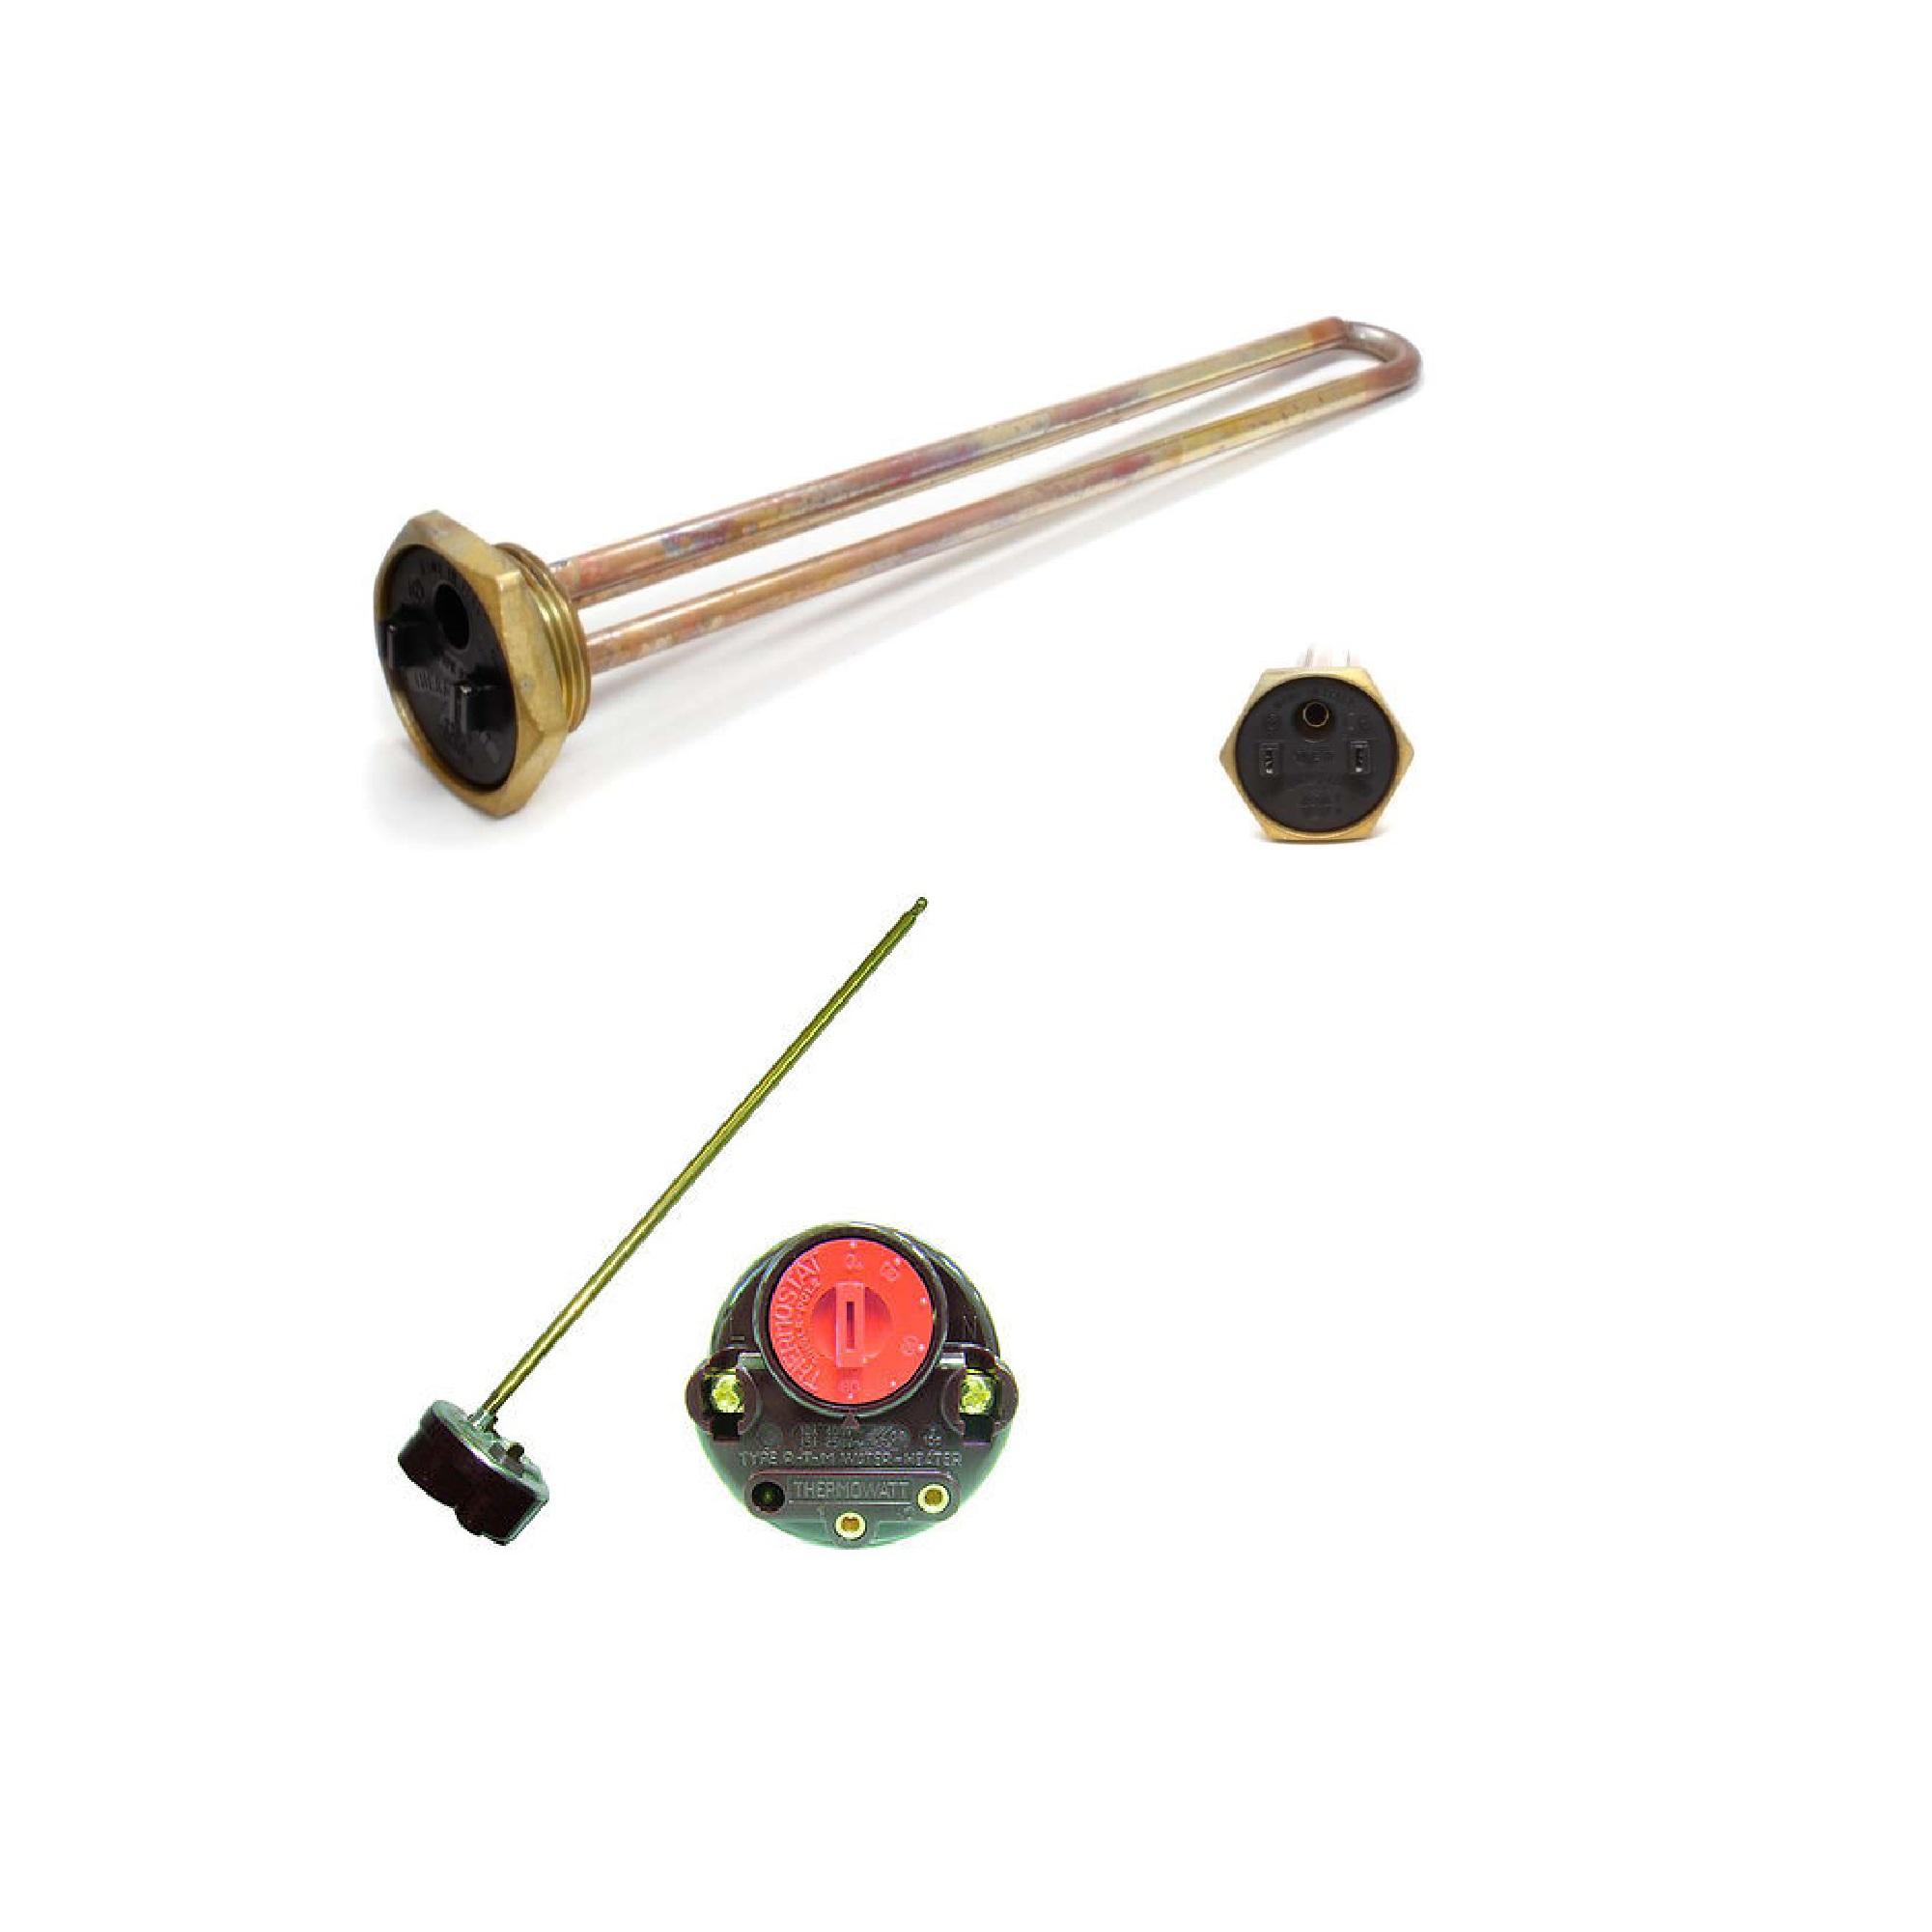 Kit thermowatt resistenza a vite per scaldabagno con for Scaldabagno idraulico con pex